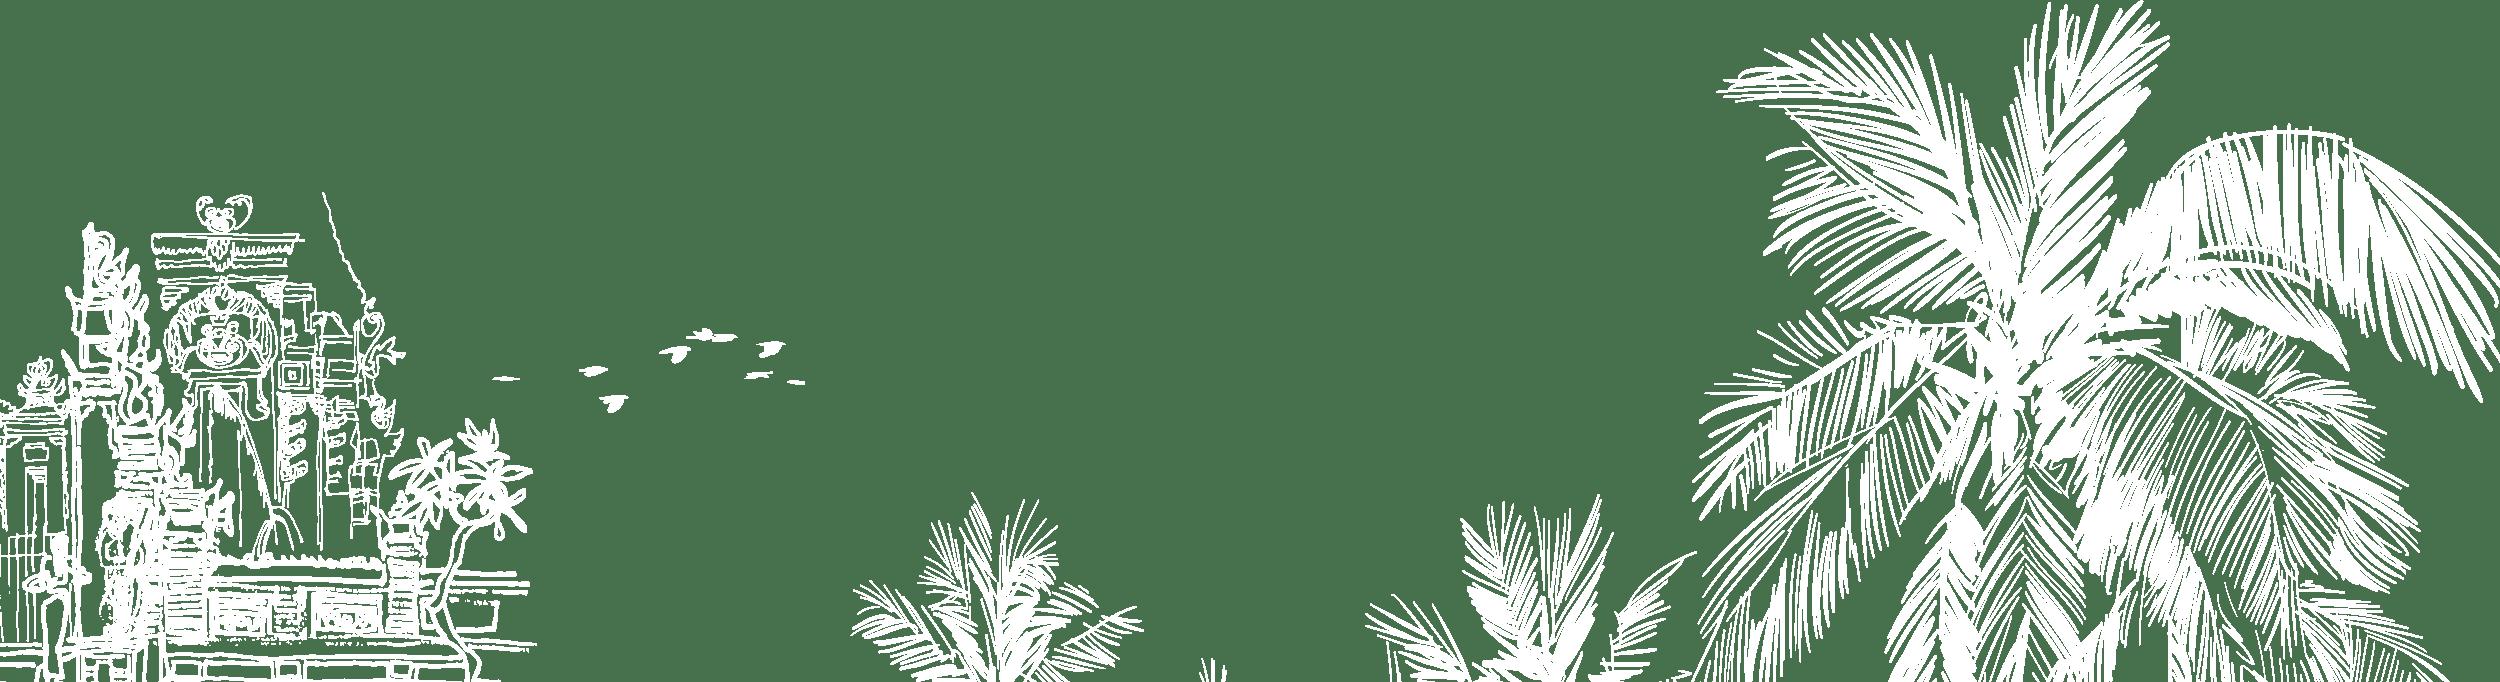 palmier voyage